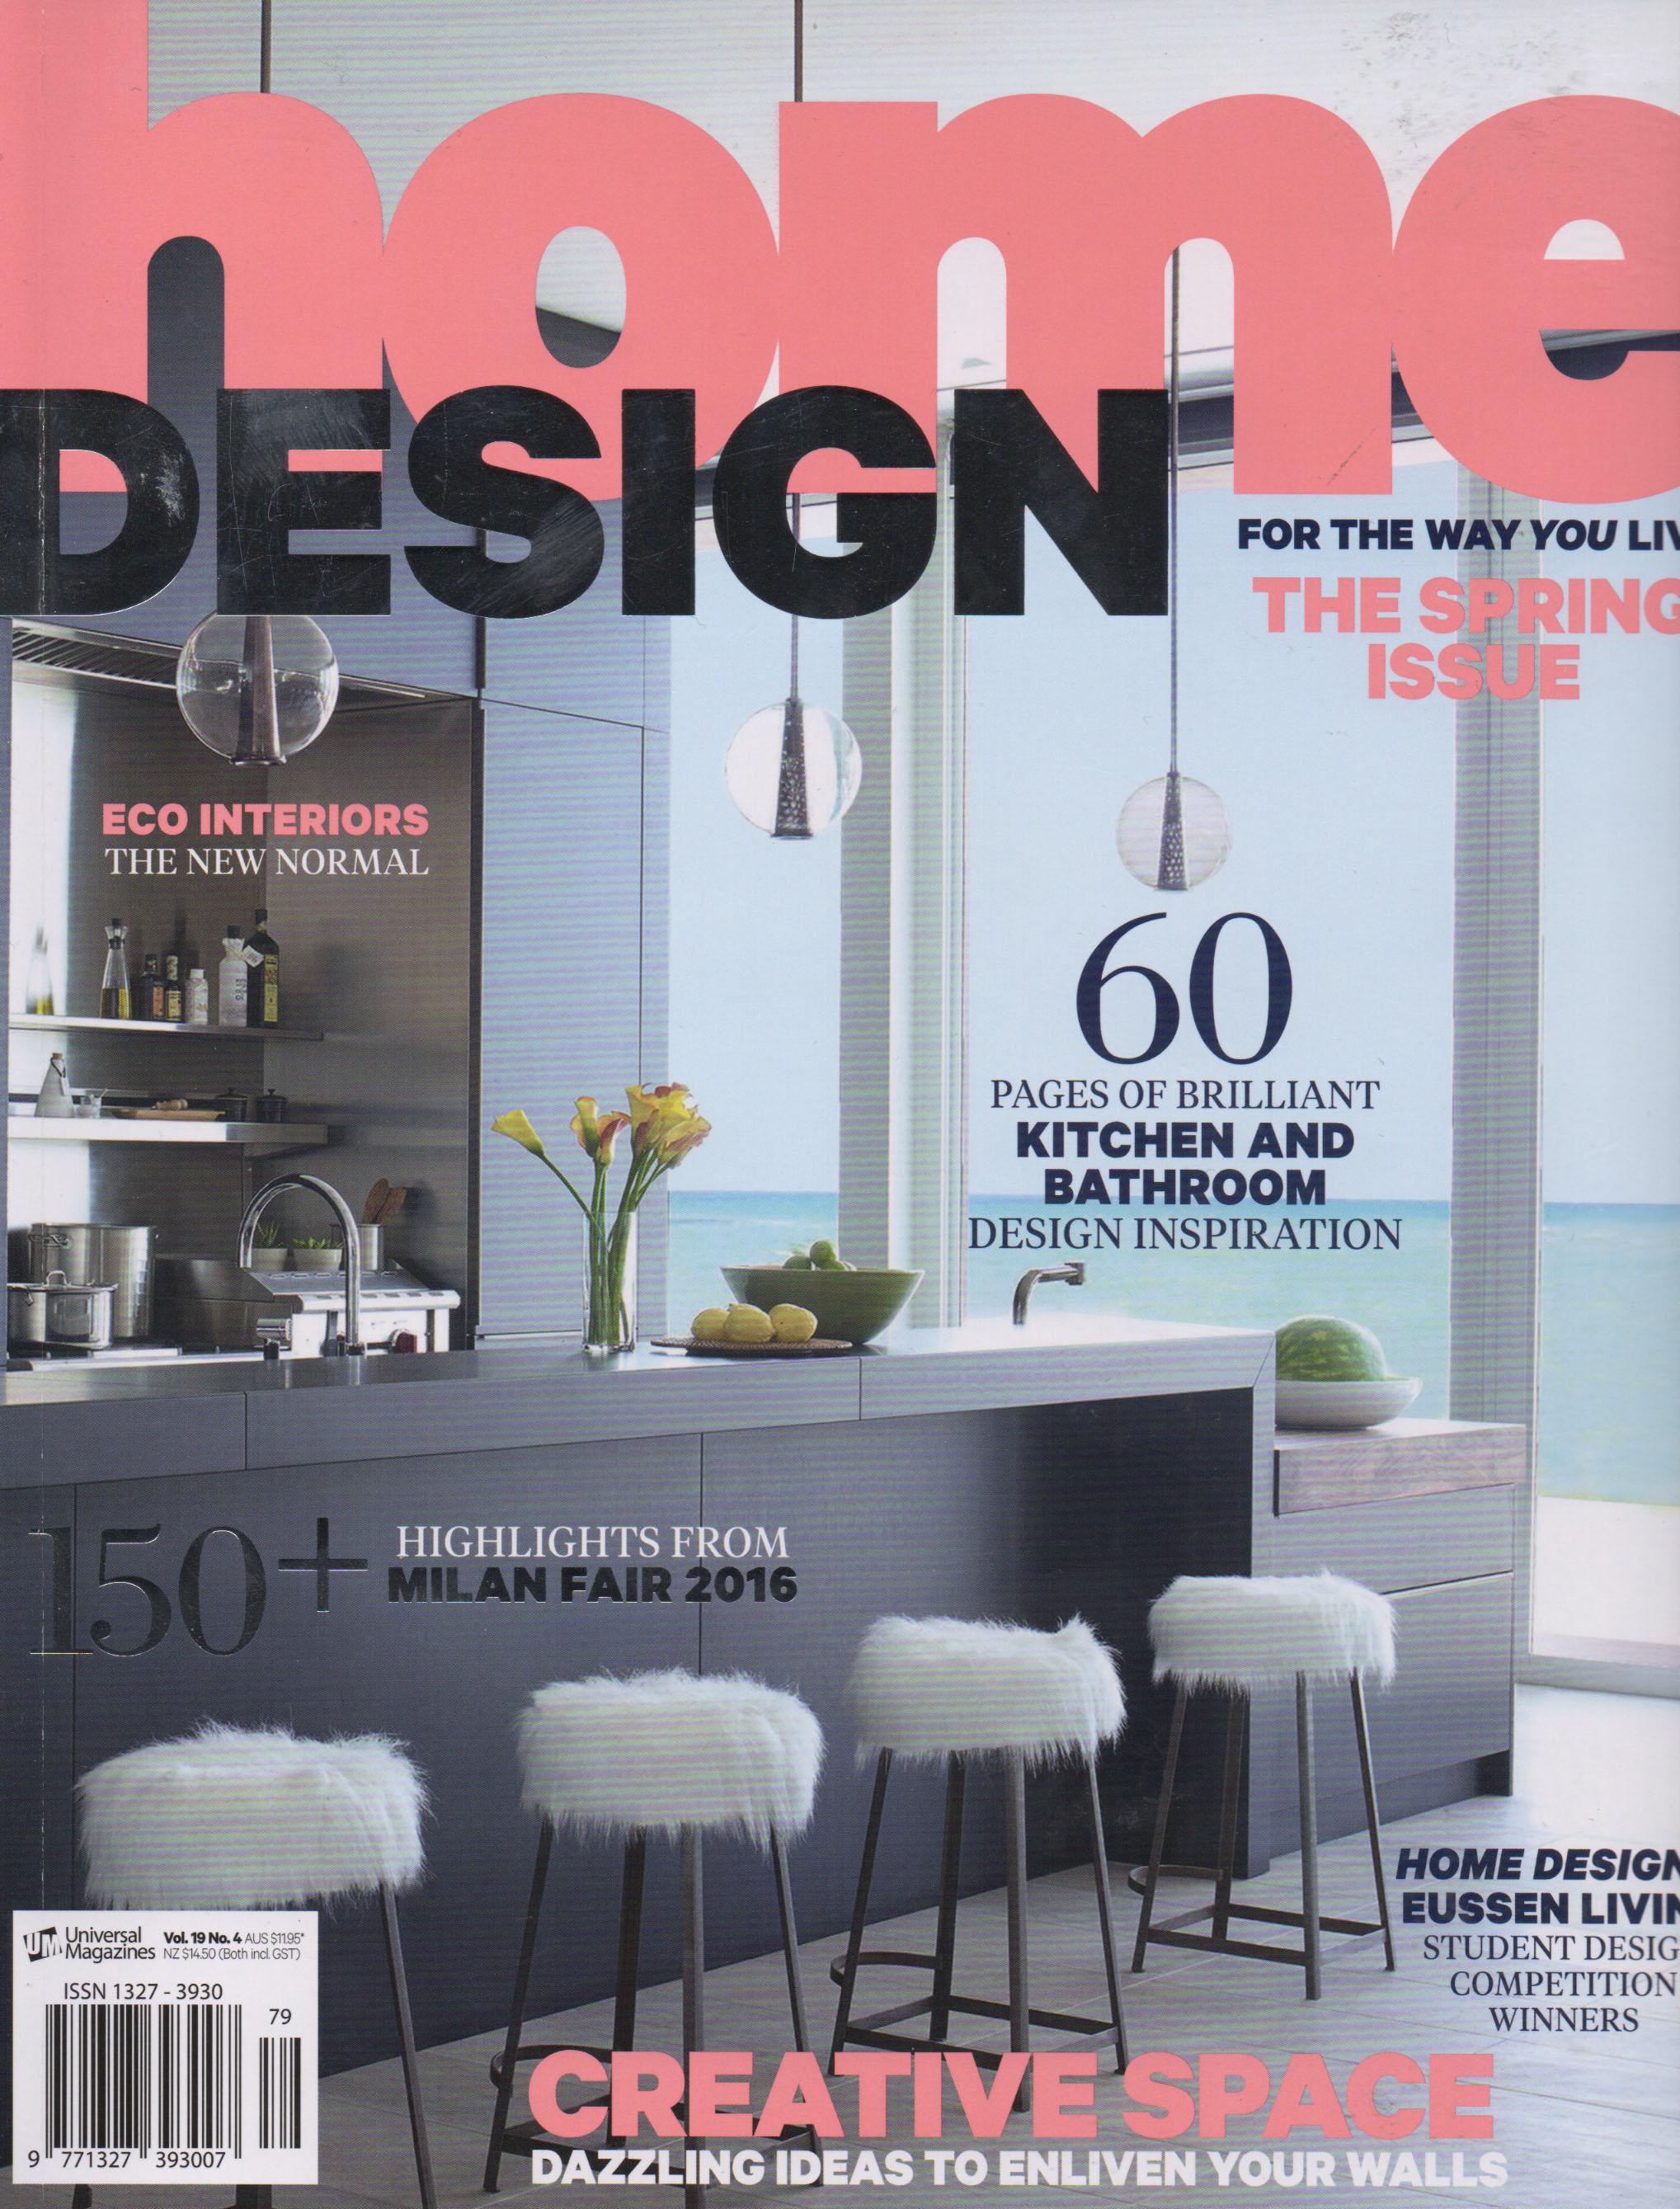 Ilanel - Home Design - Vol 19 No 4 - Cover.jpg